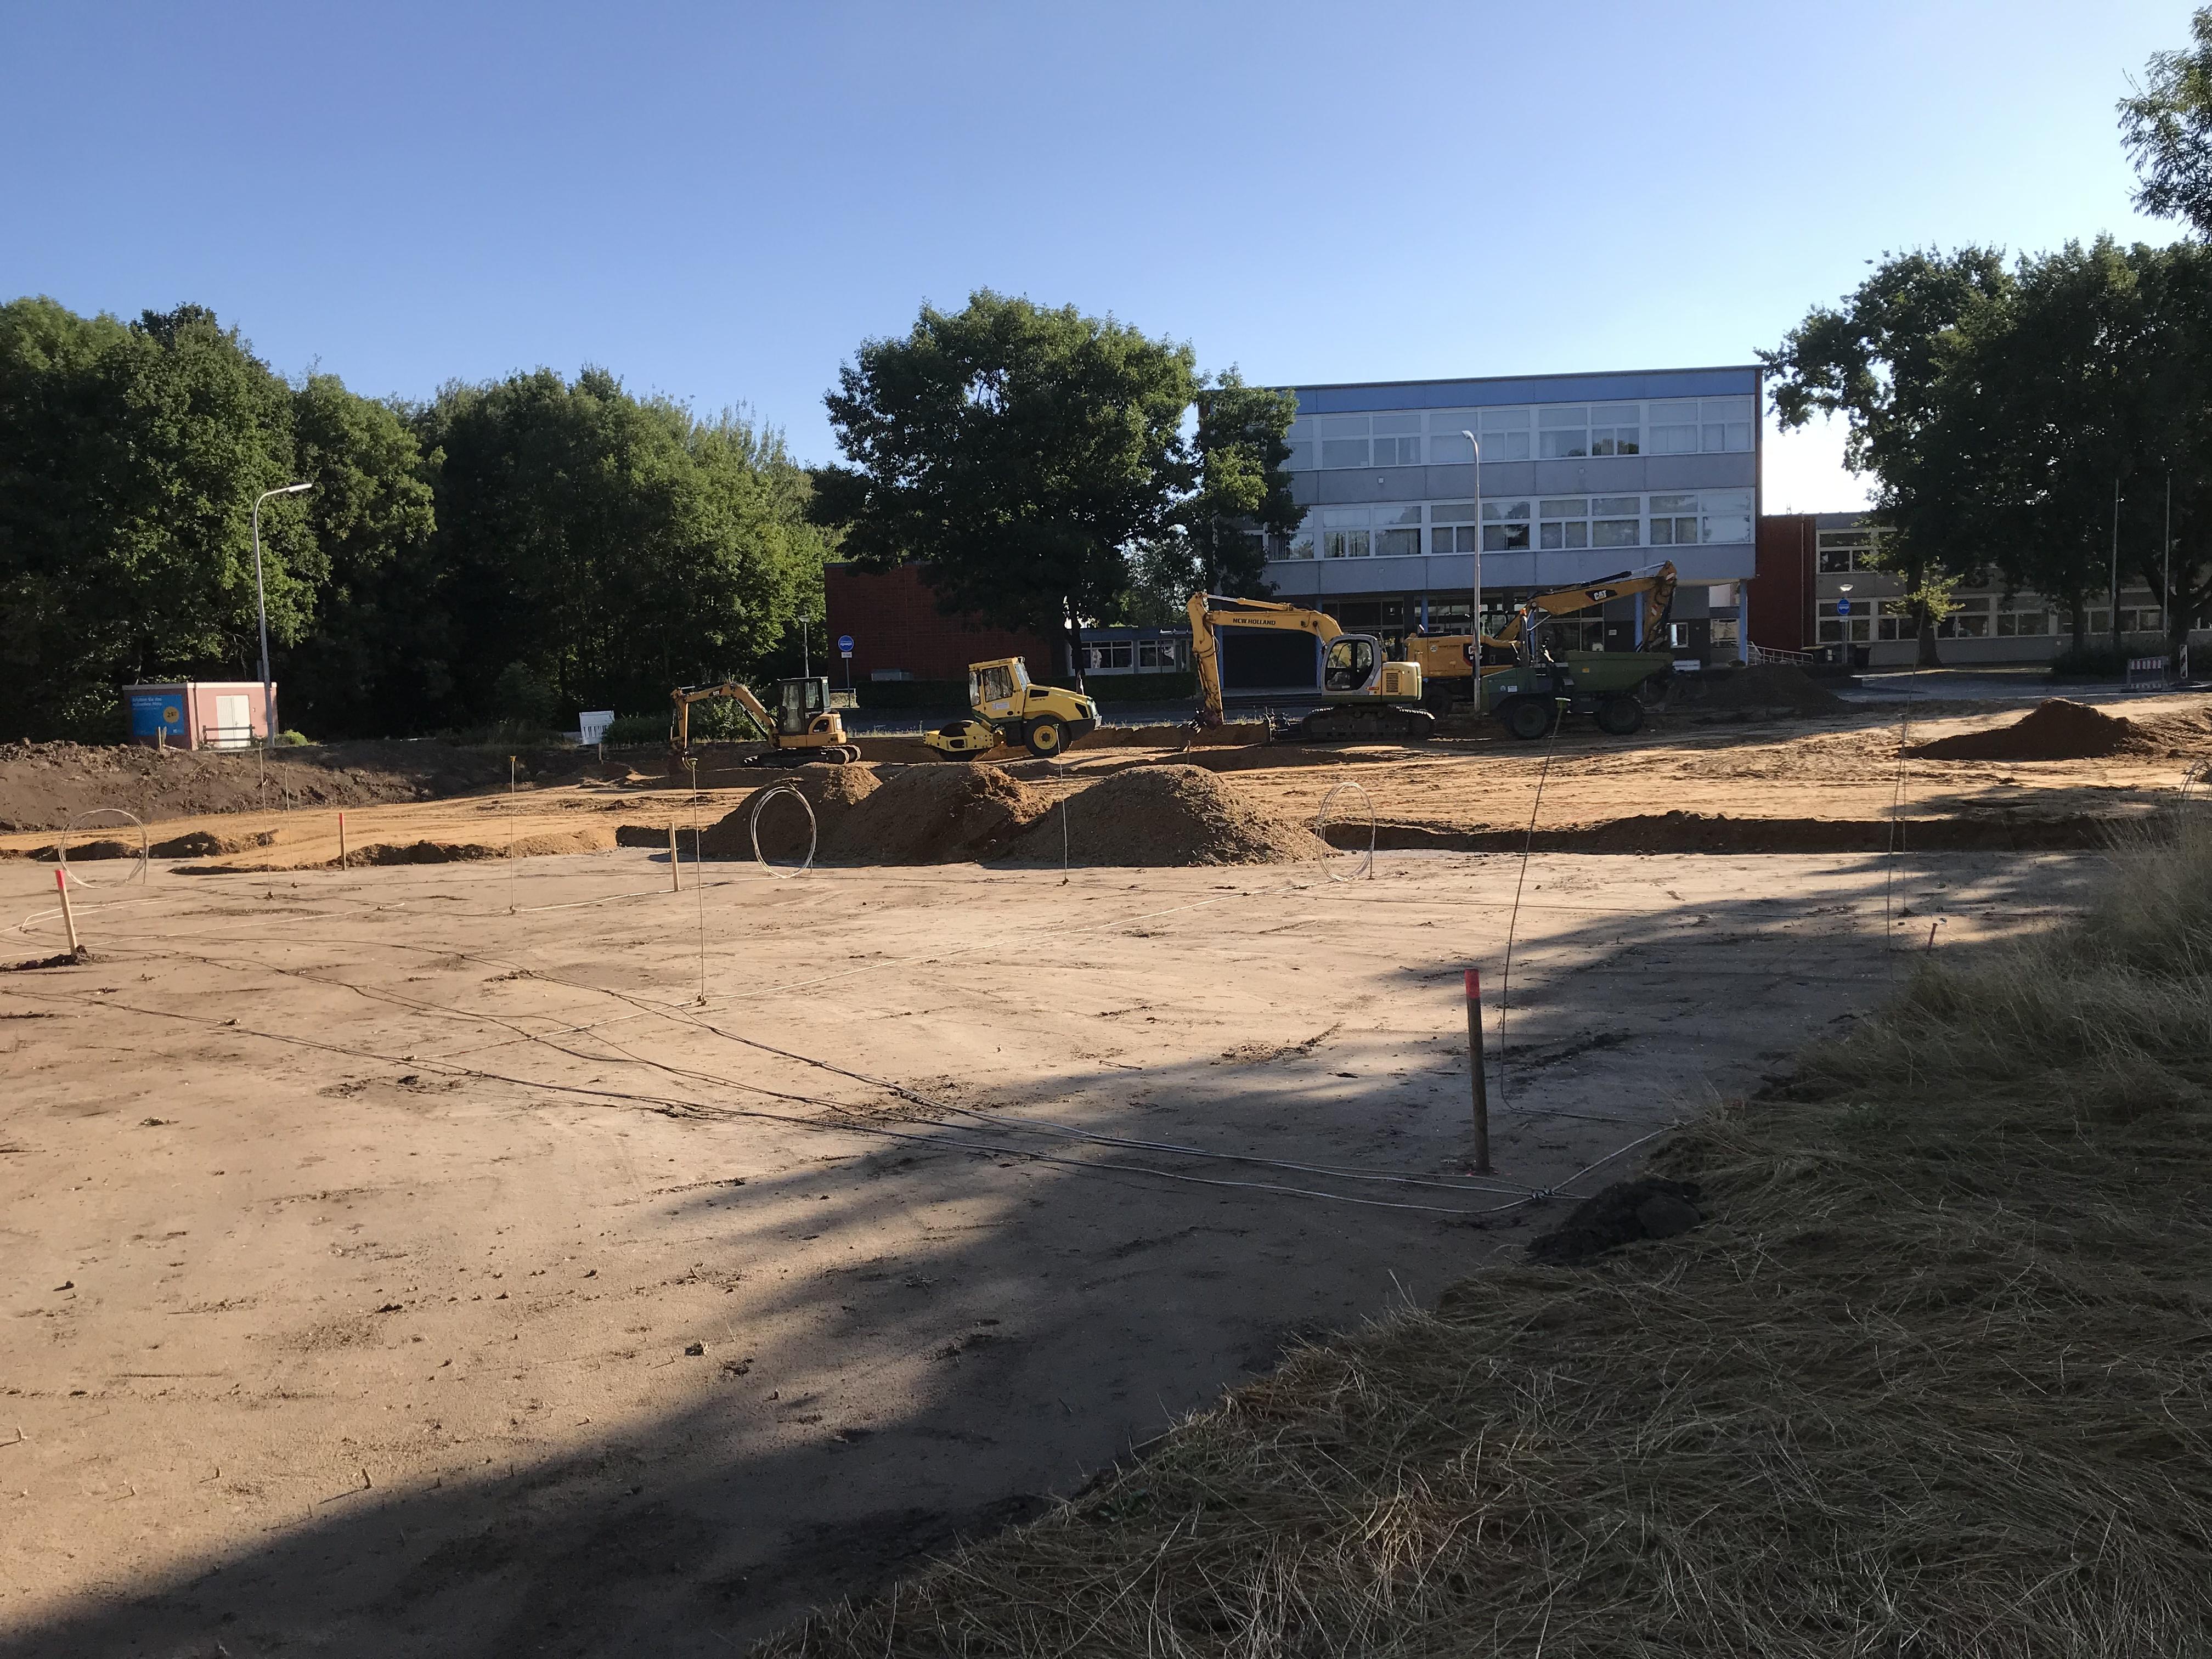 <p>Baubeginn im August 2018  (13.08.2018) Der Bereich rund um die Schule gleicht aktuell einer [&hellip;]</p>